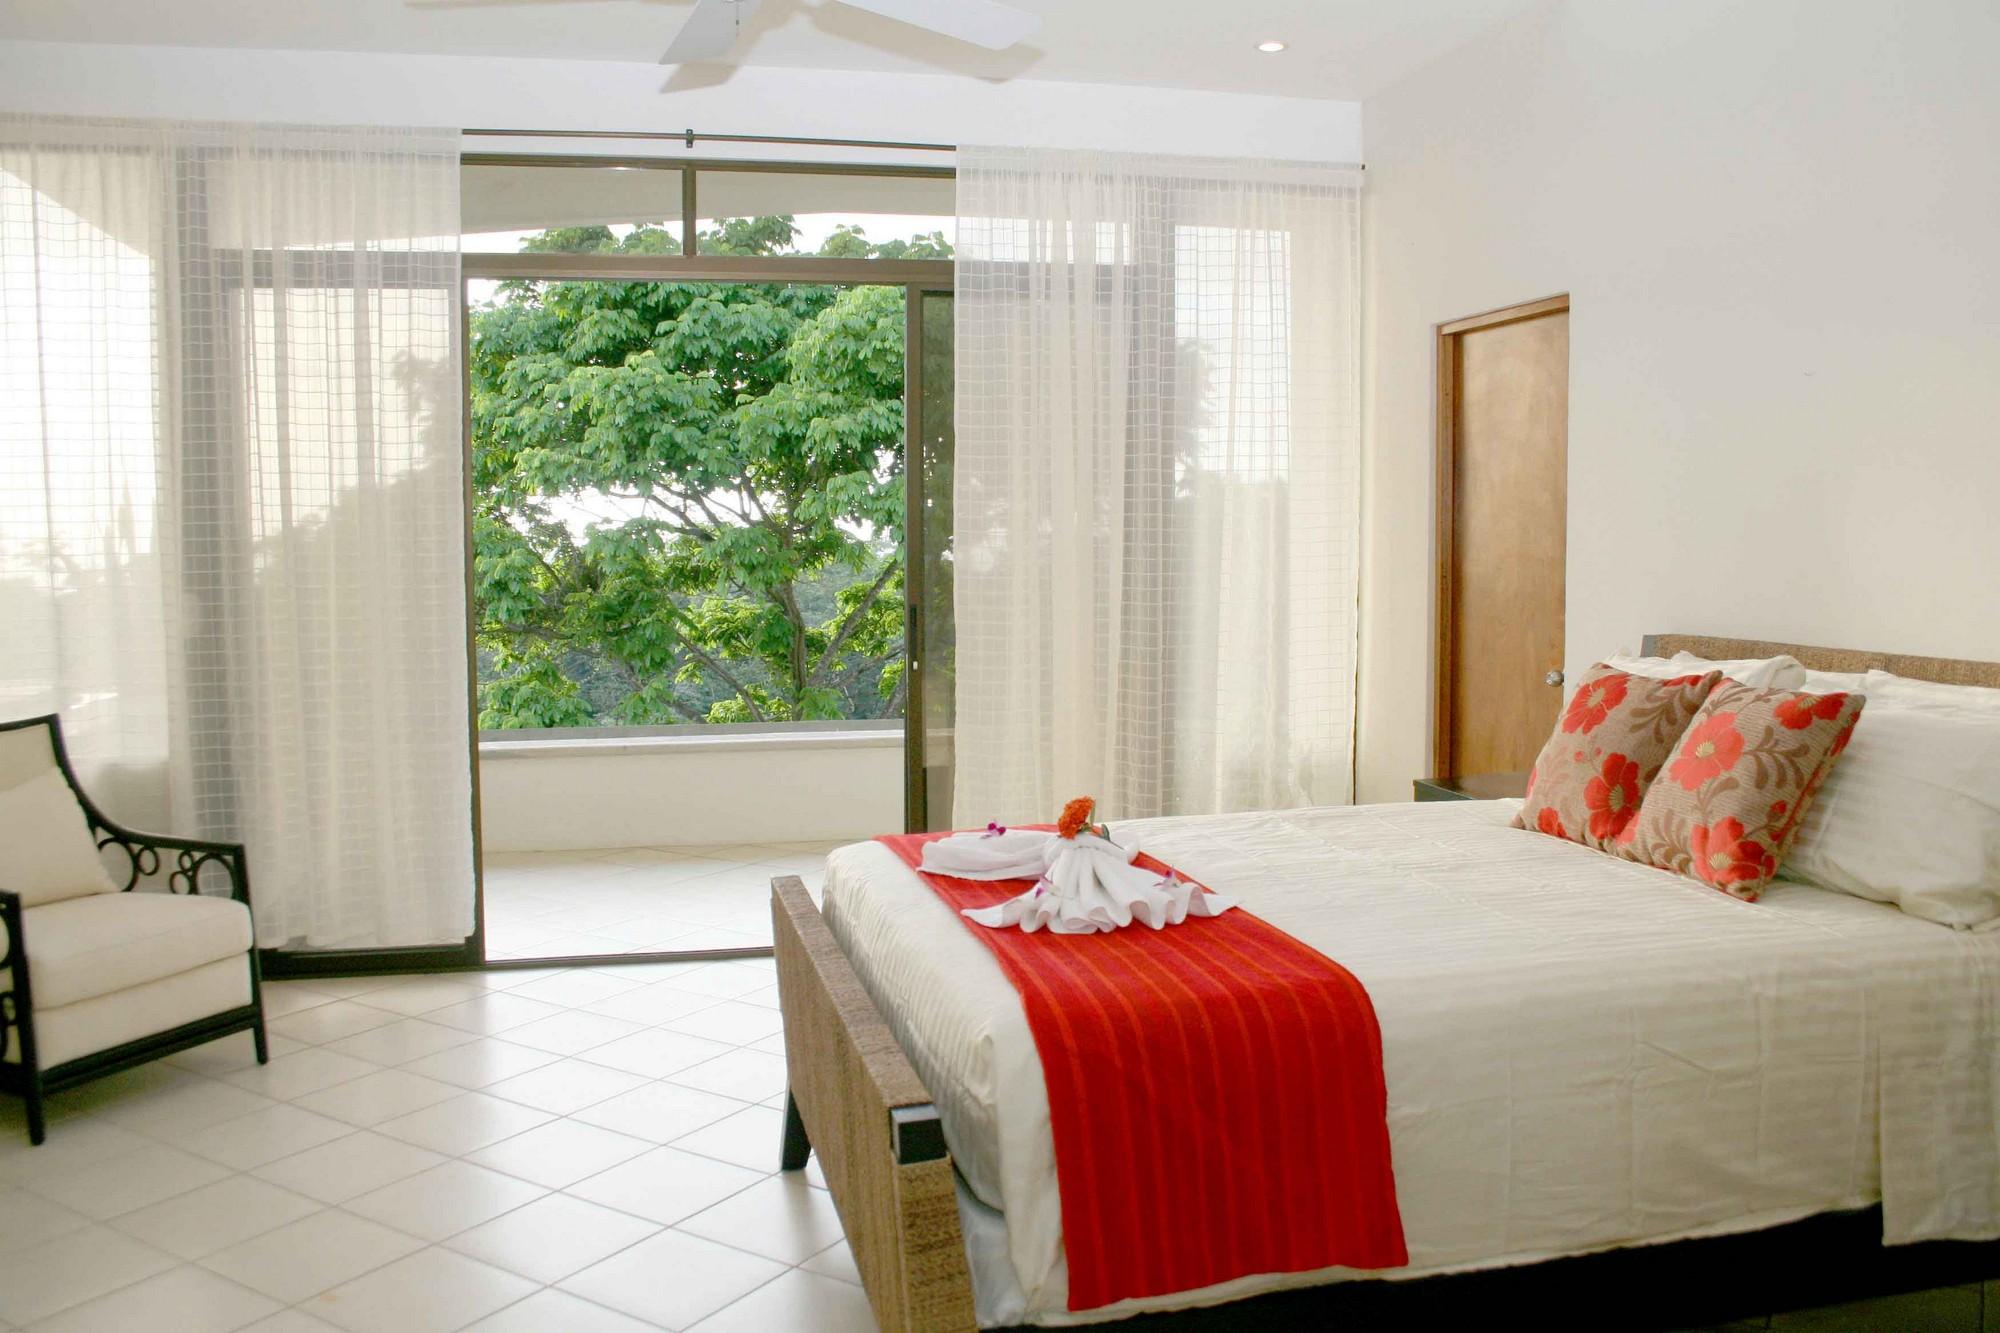 Casa de las Cascadas, Manuel Antonio, Costa Rica The upper guest and master bedrooms are accessed via an outdoor walkway.